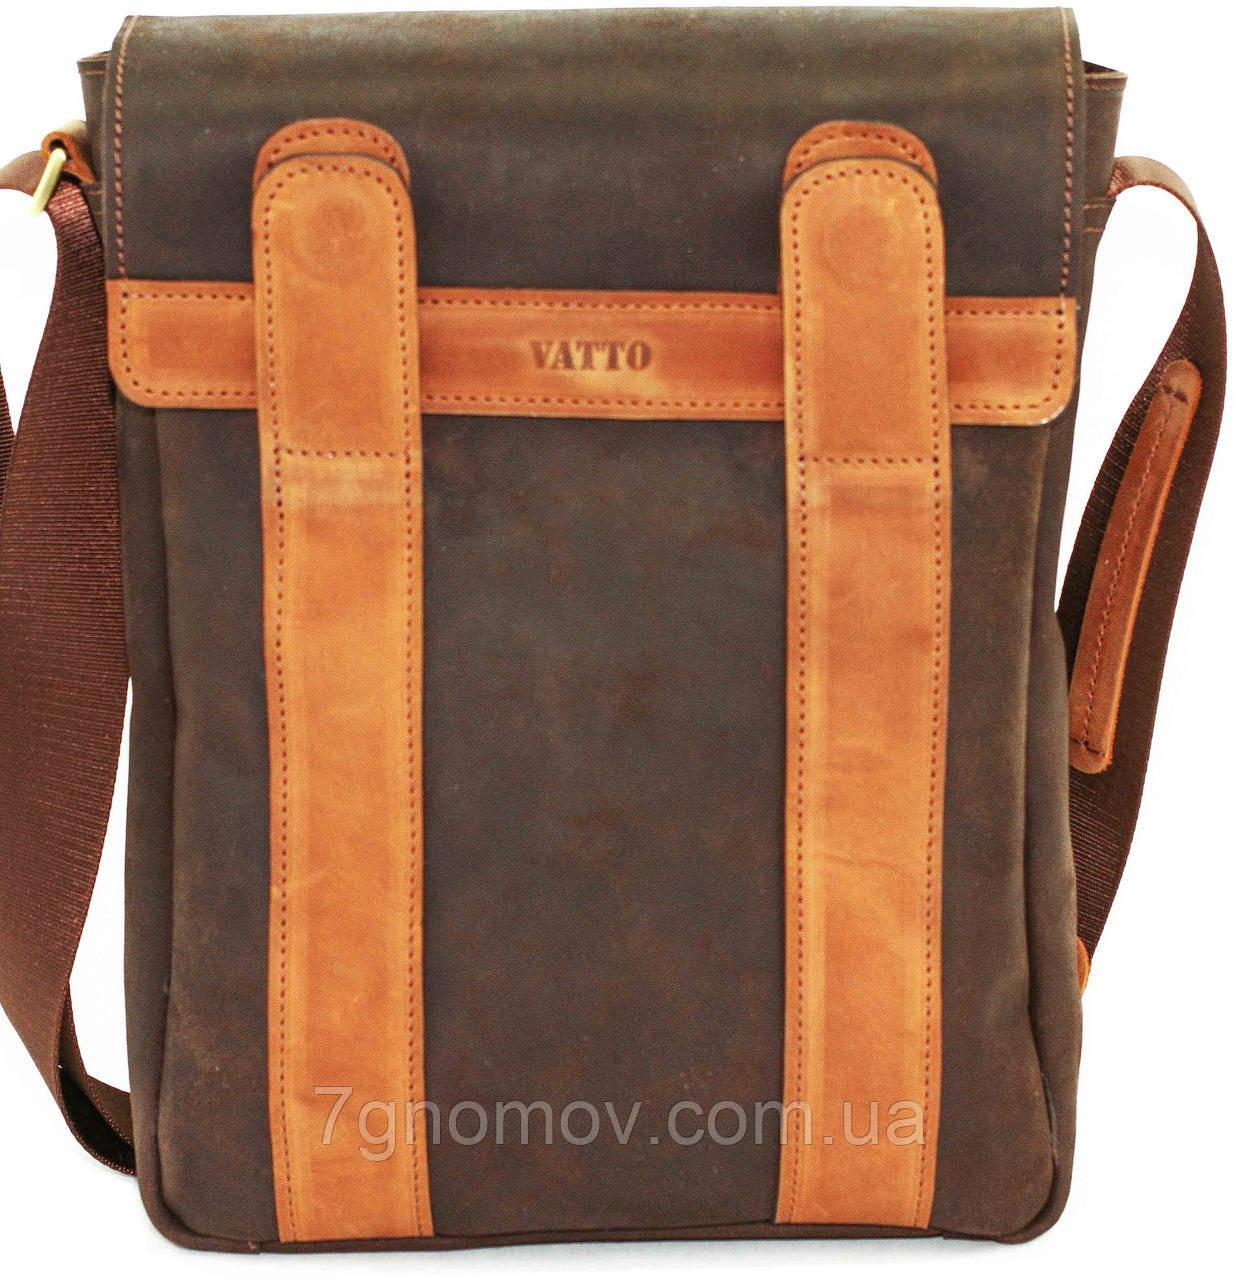 Мужская сумка VATTO Mk28.3 Kr450.190